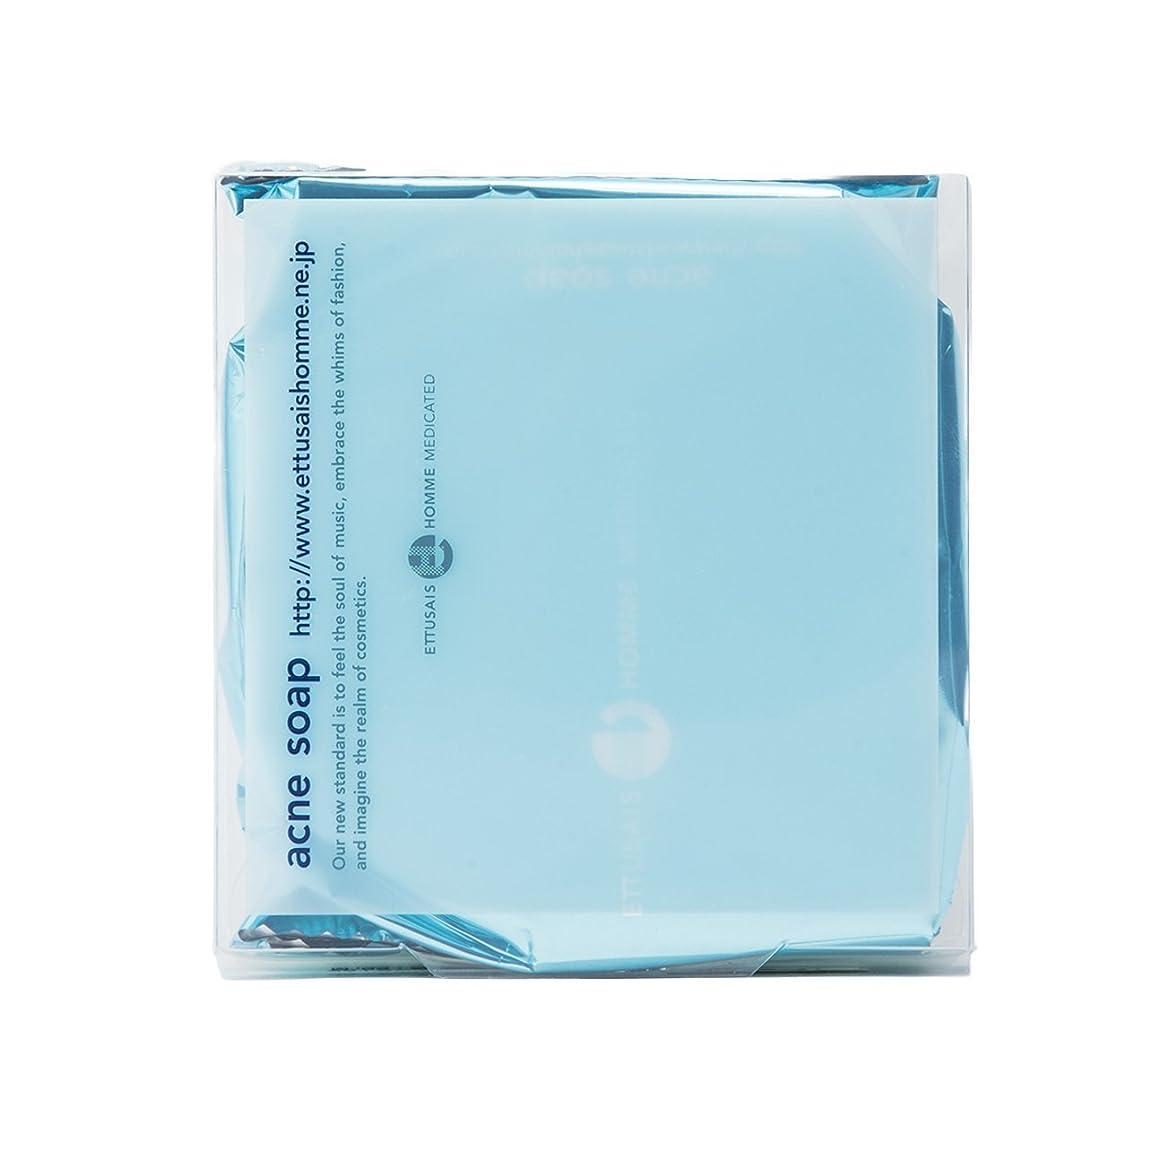 固めるディーラー強打[医薬部外品] エテュセ オム 薬用アクネ ソープ 薬用石けん 100g